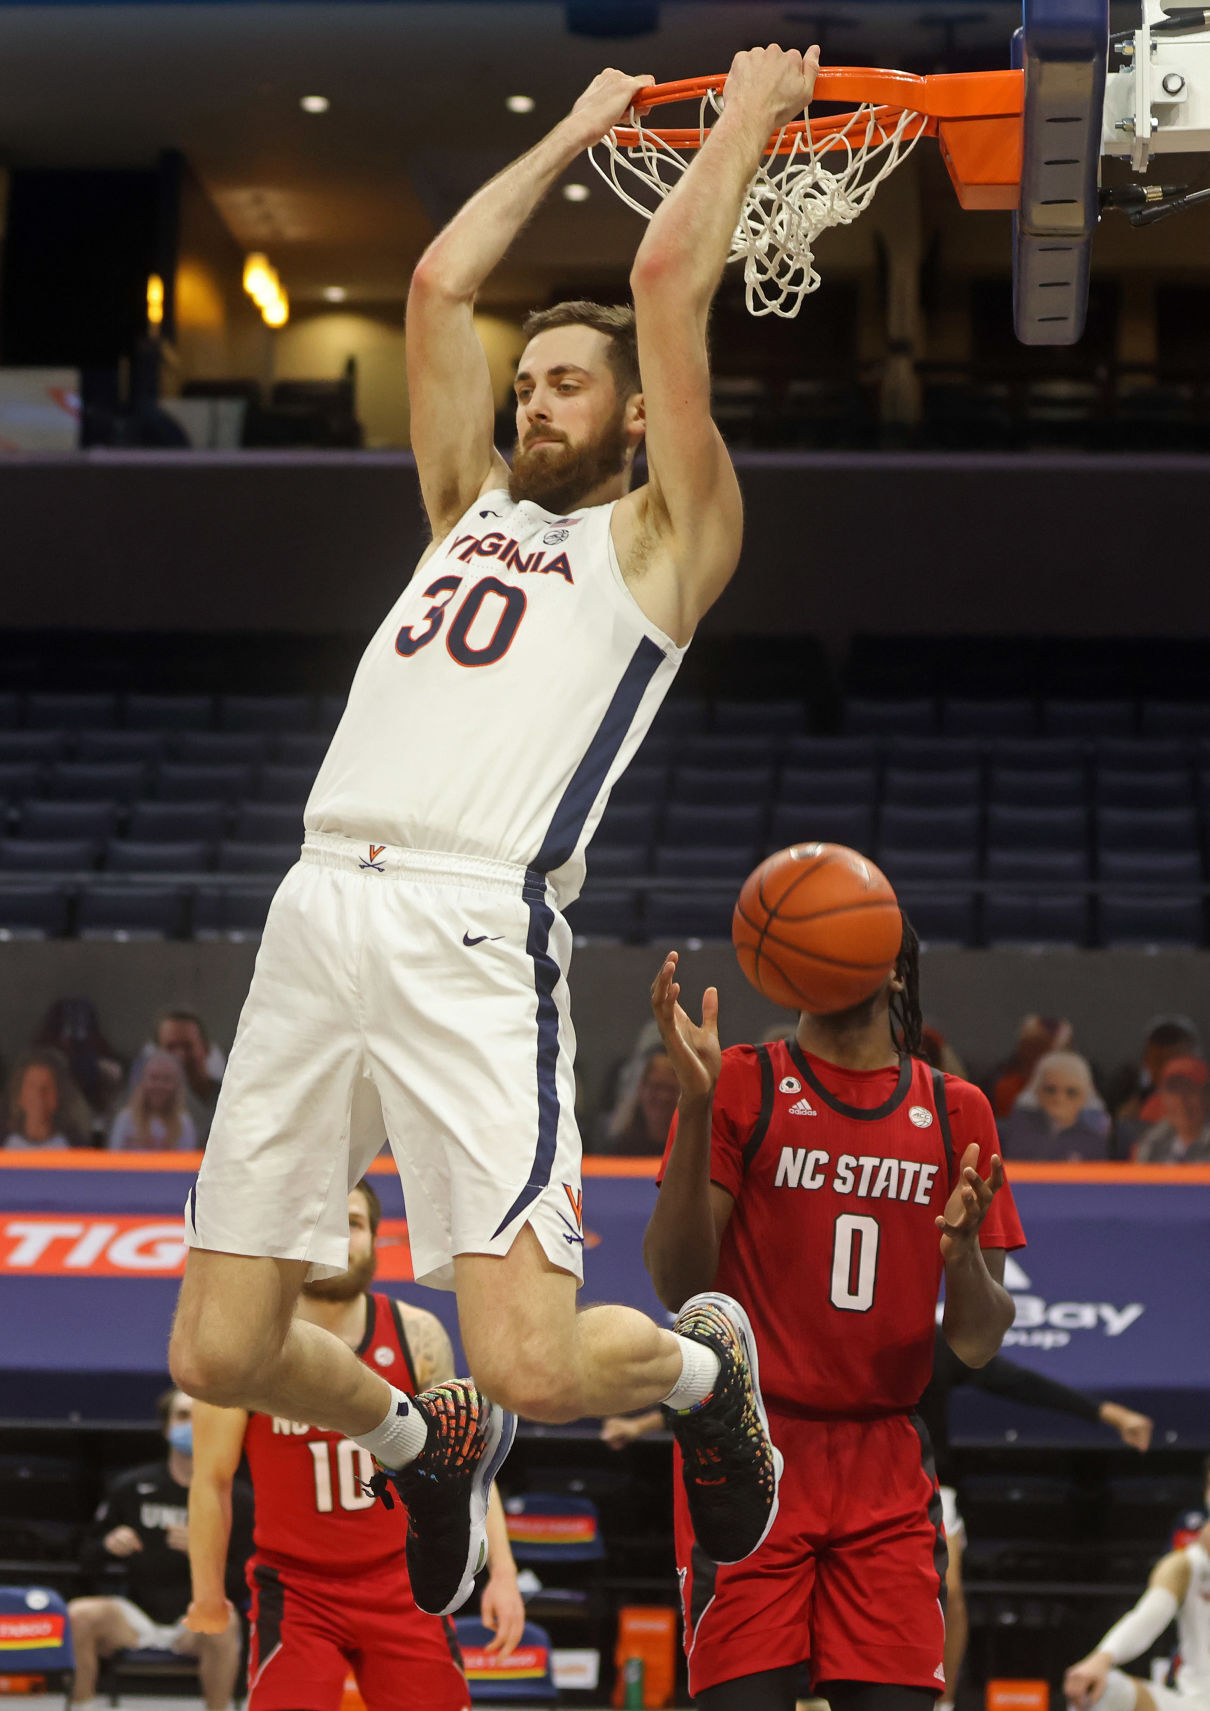 Austin Katstra Virginia Cavaliers Basketball Jersey - White